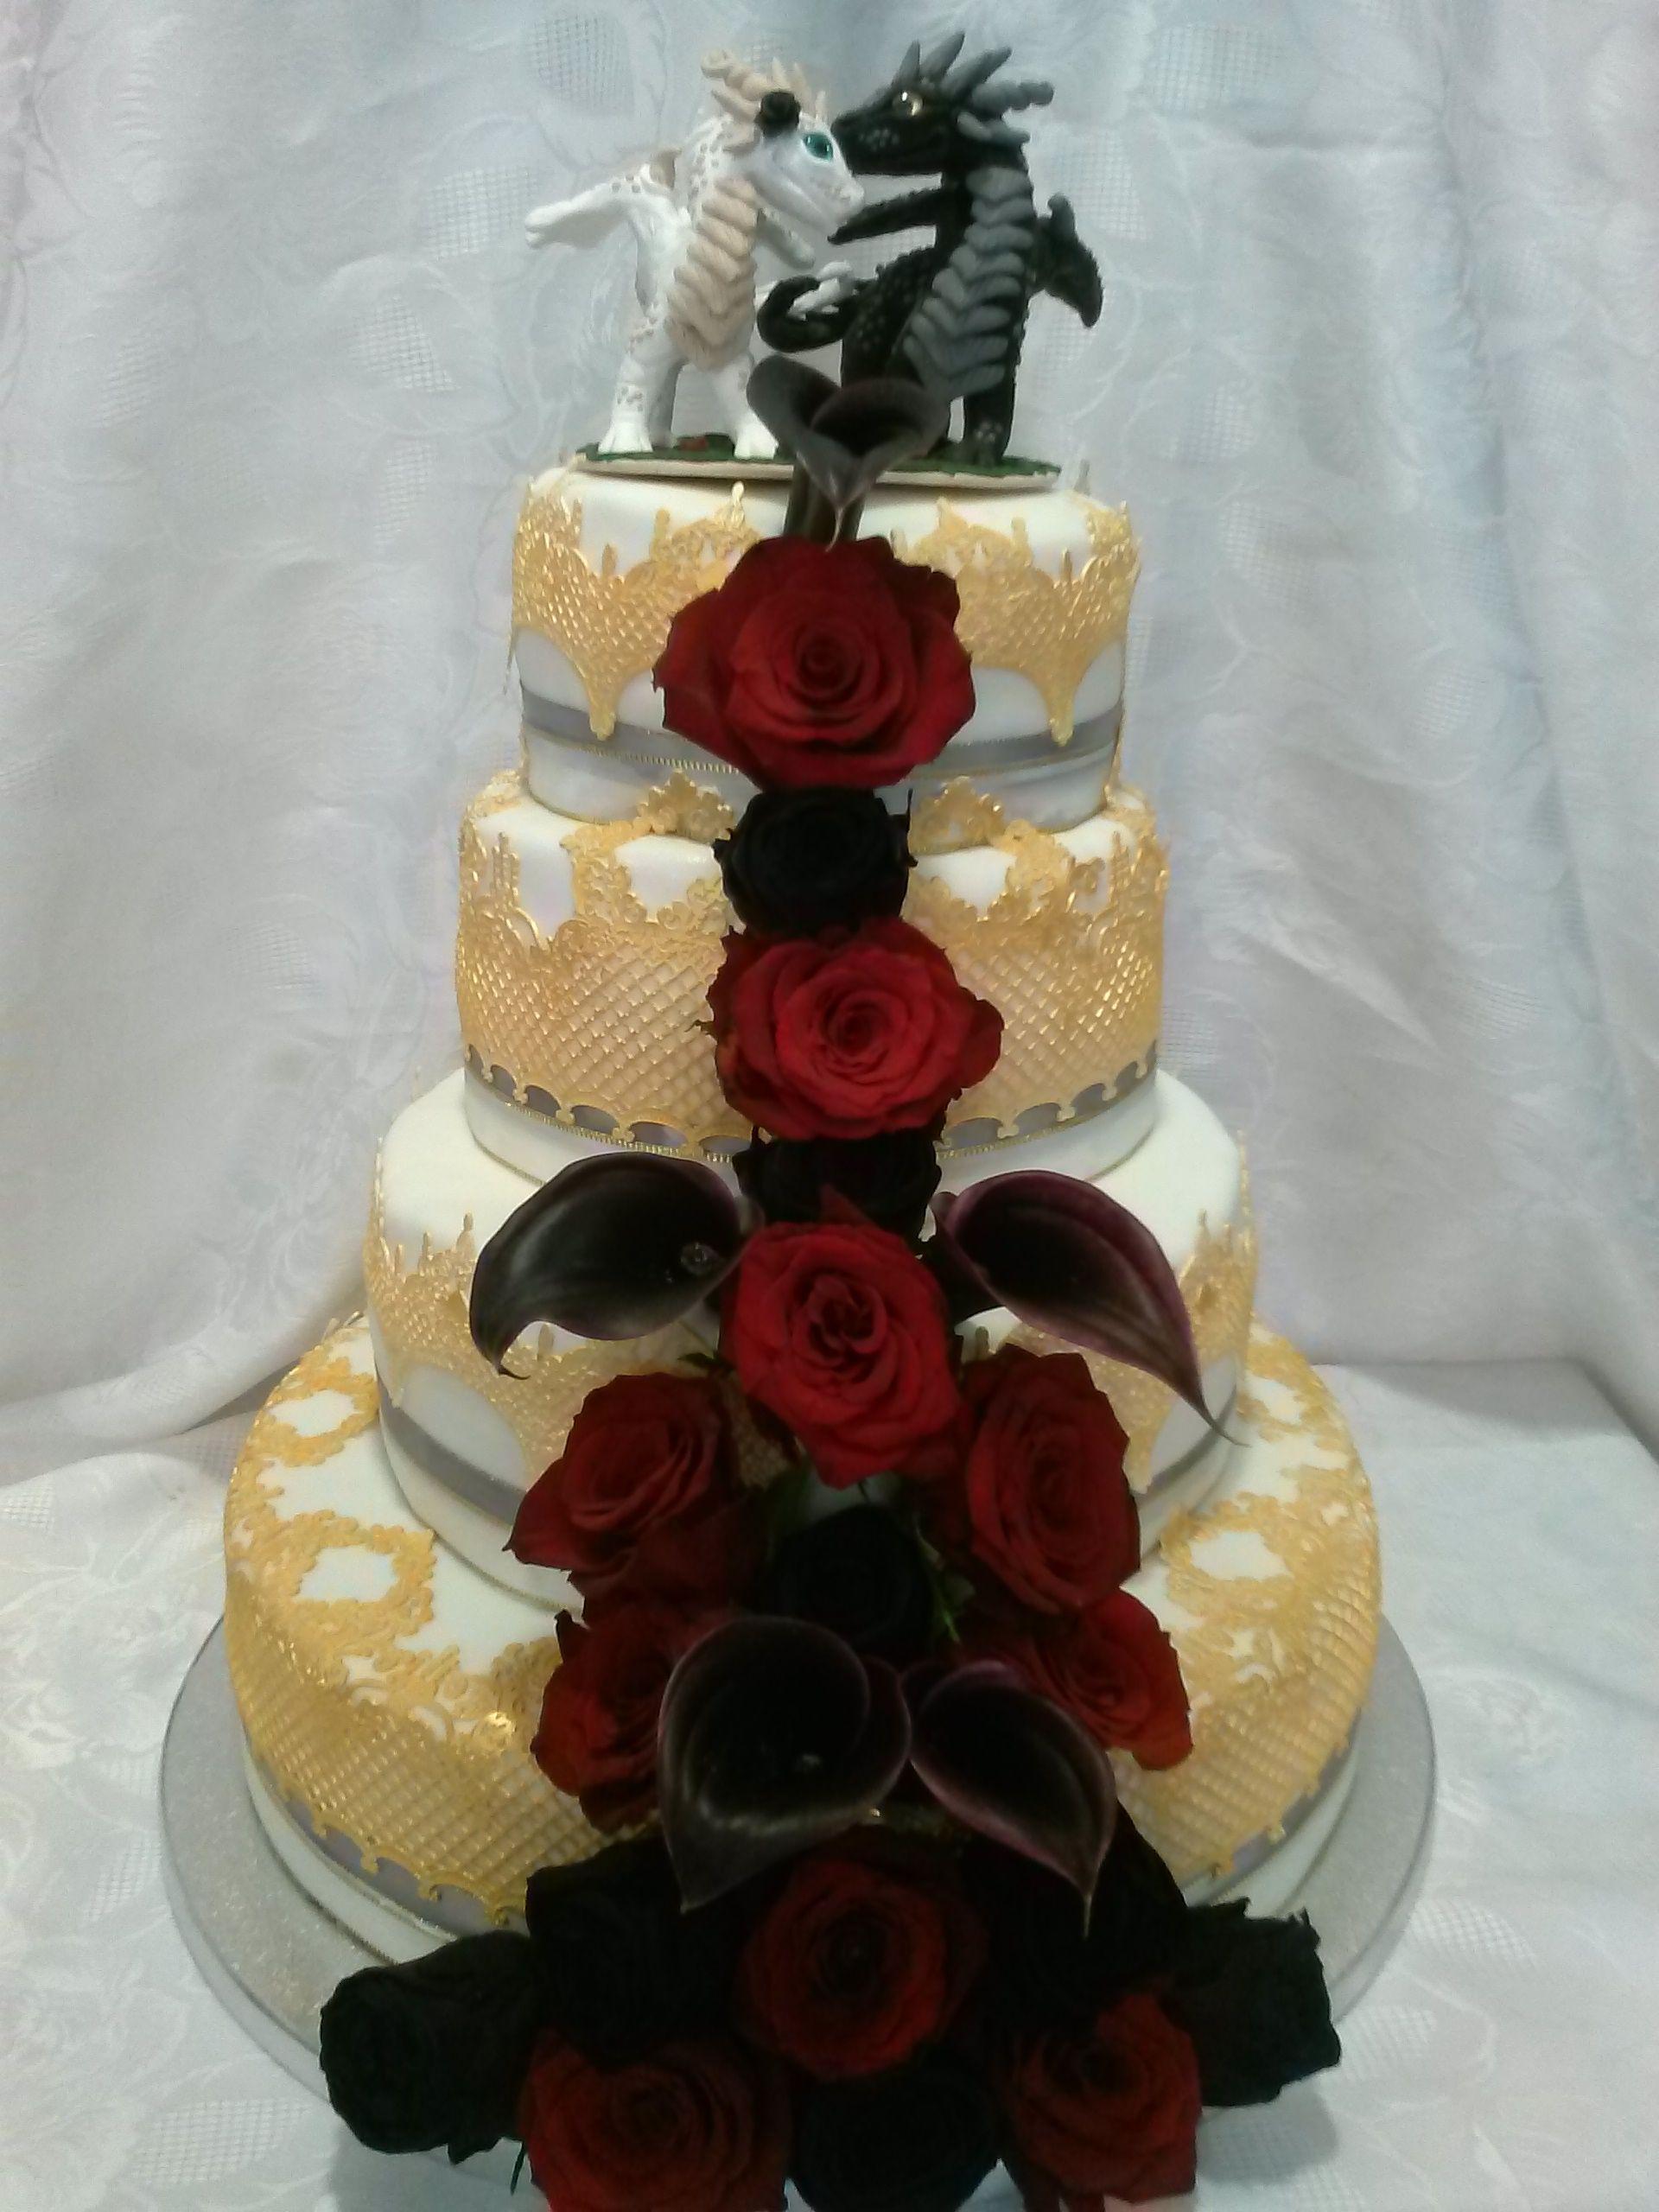 Mittelalter Hochzeit Torte Mit Spitze Und Echten Blumen